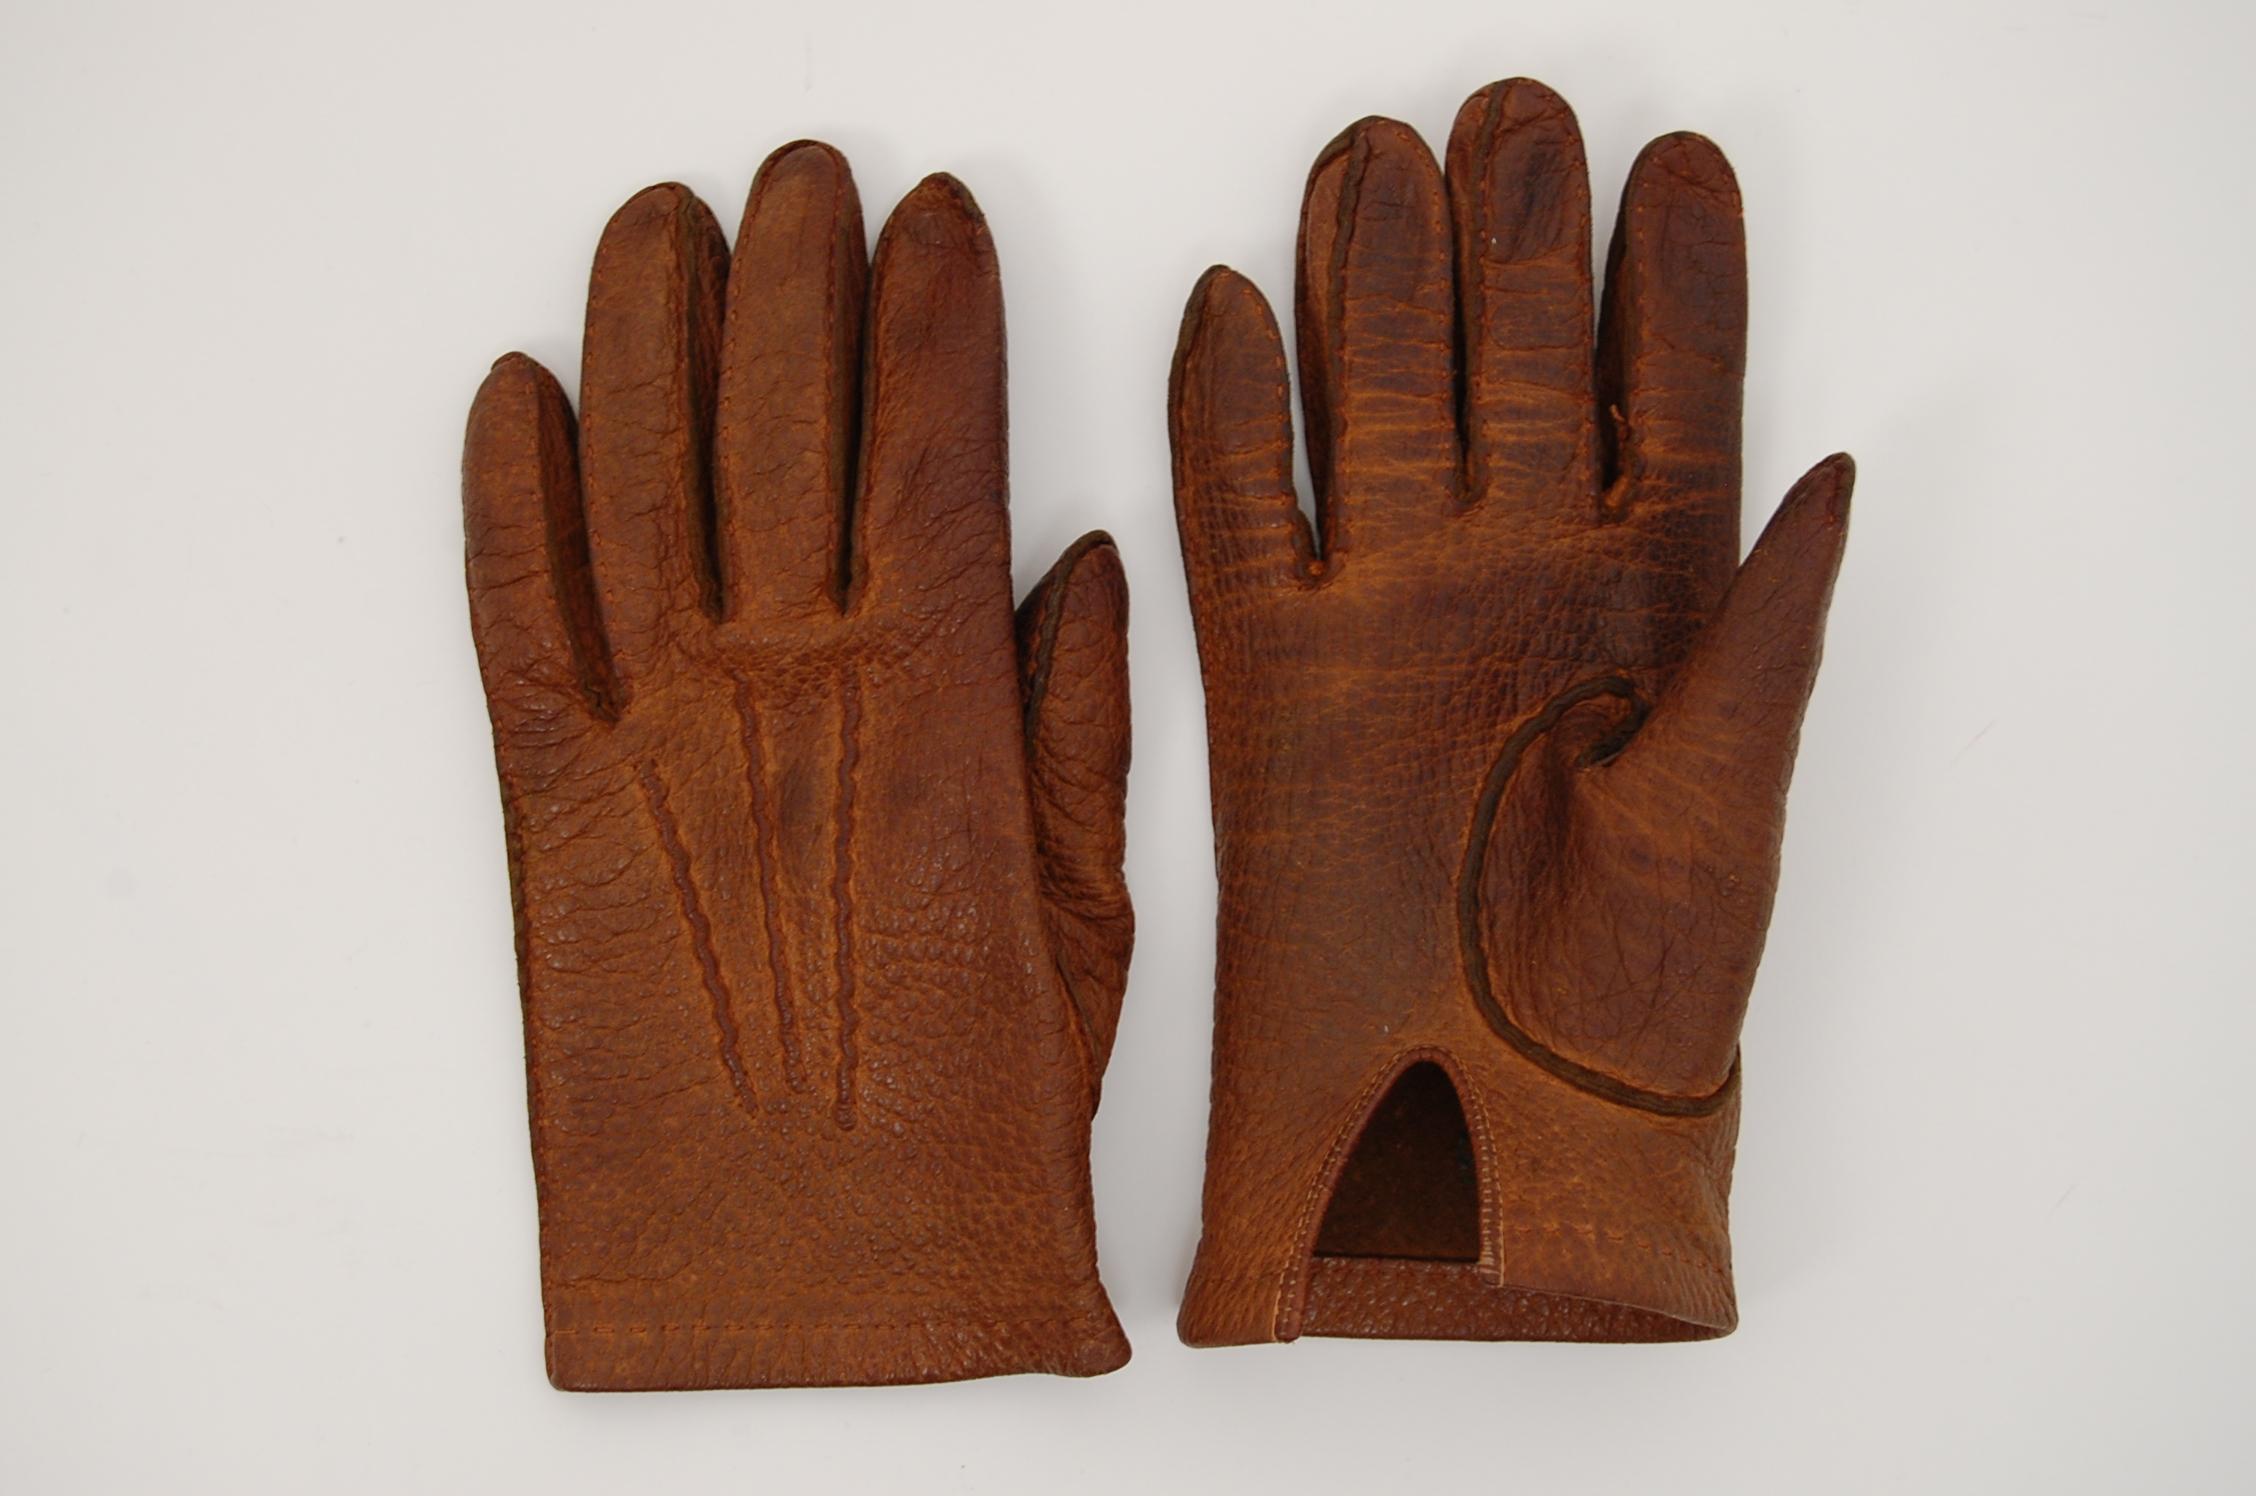 Les gants en pecari sont un grand classique du vestiaire masculin hivernal.  Rares sont les cuirs alliant la souplesse et la résistance du pecari, ... e85ac563627